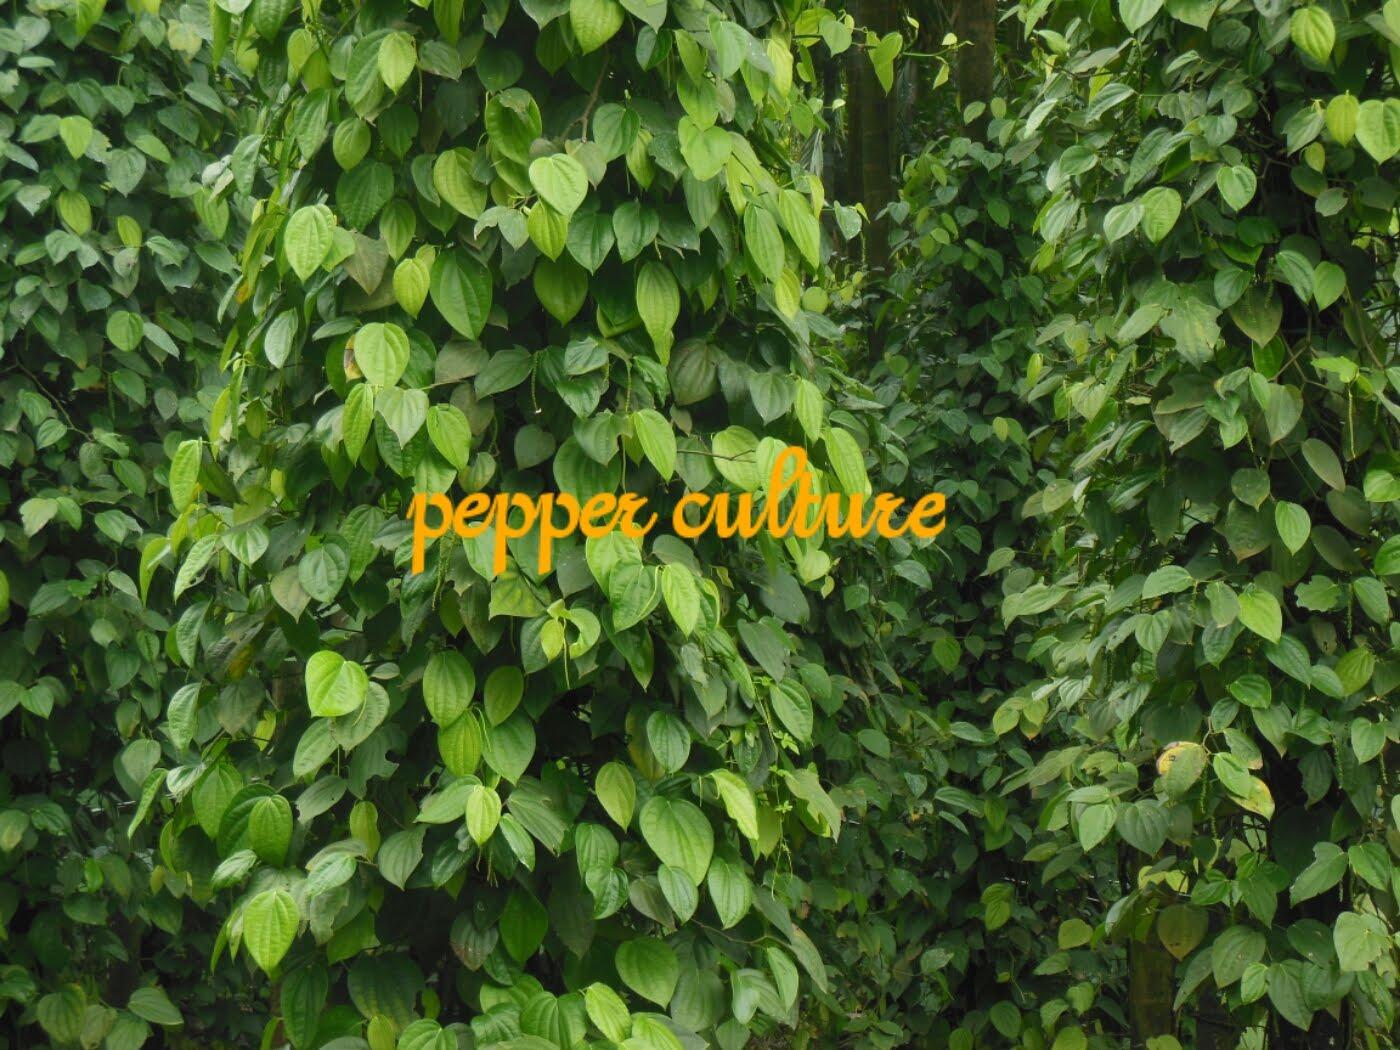 pepper culture